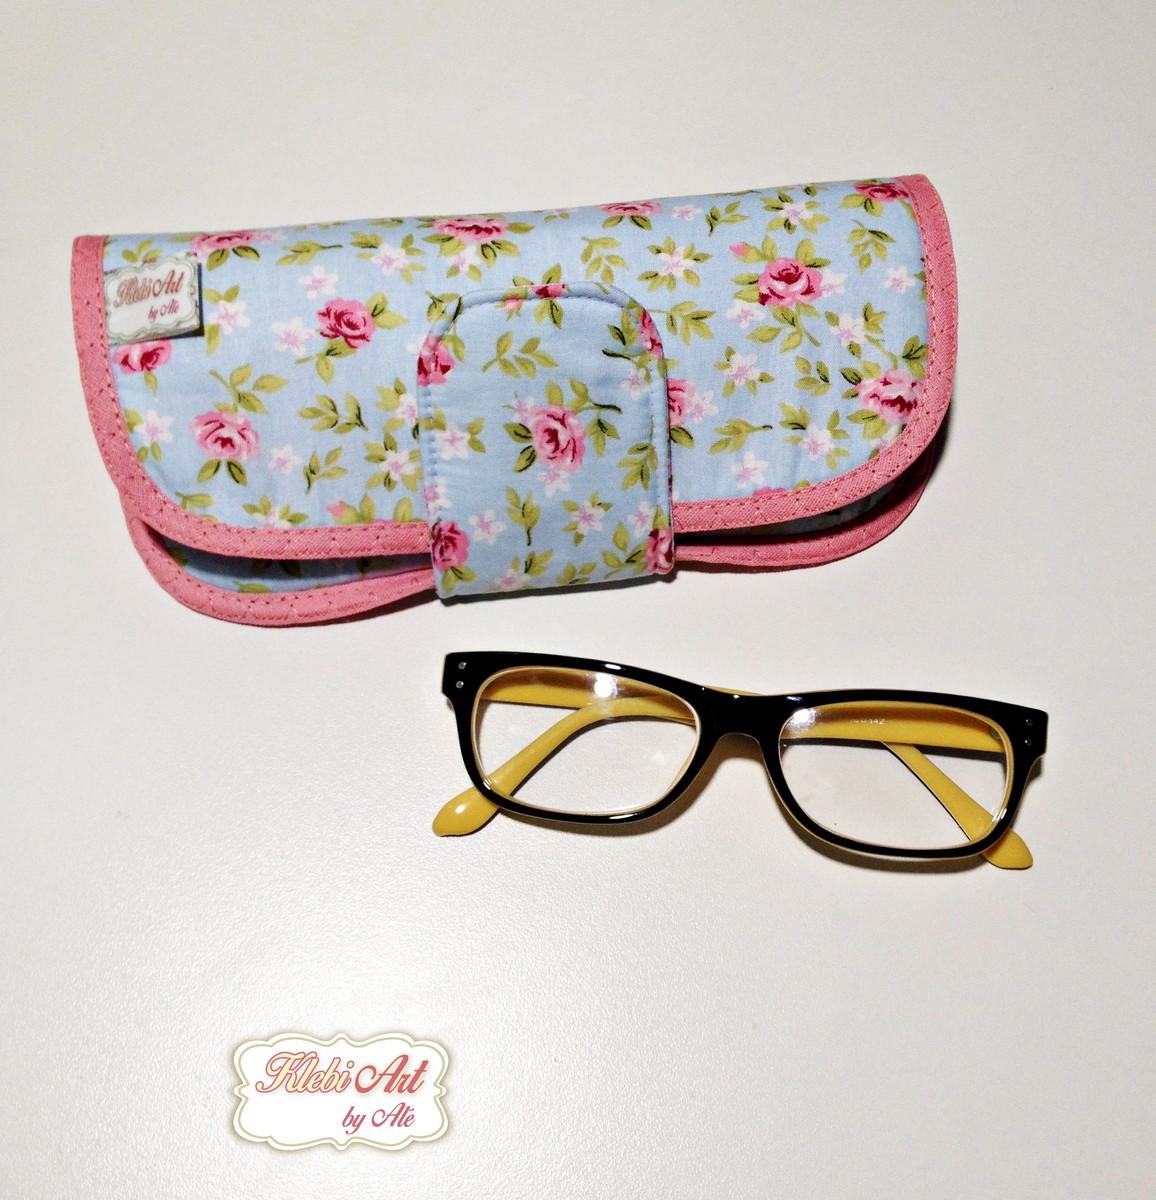 0a937cb5869ad porta-oculos-porta-oculos-de-sol